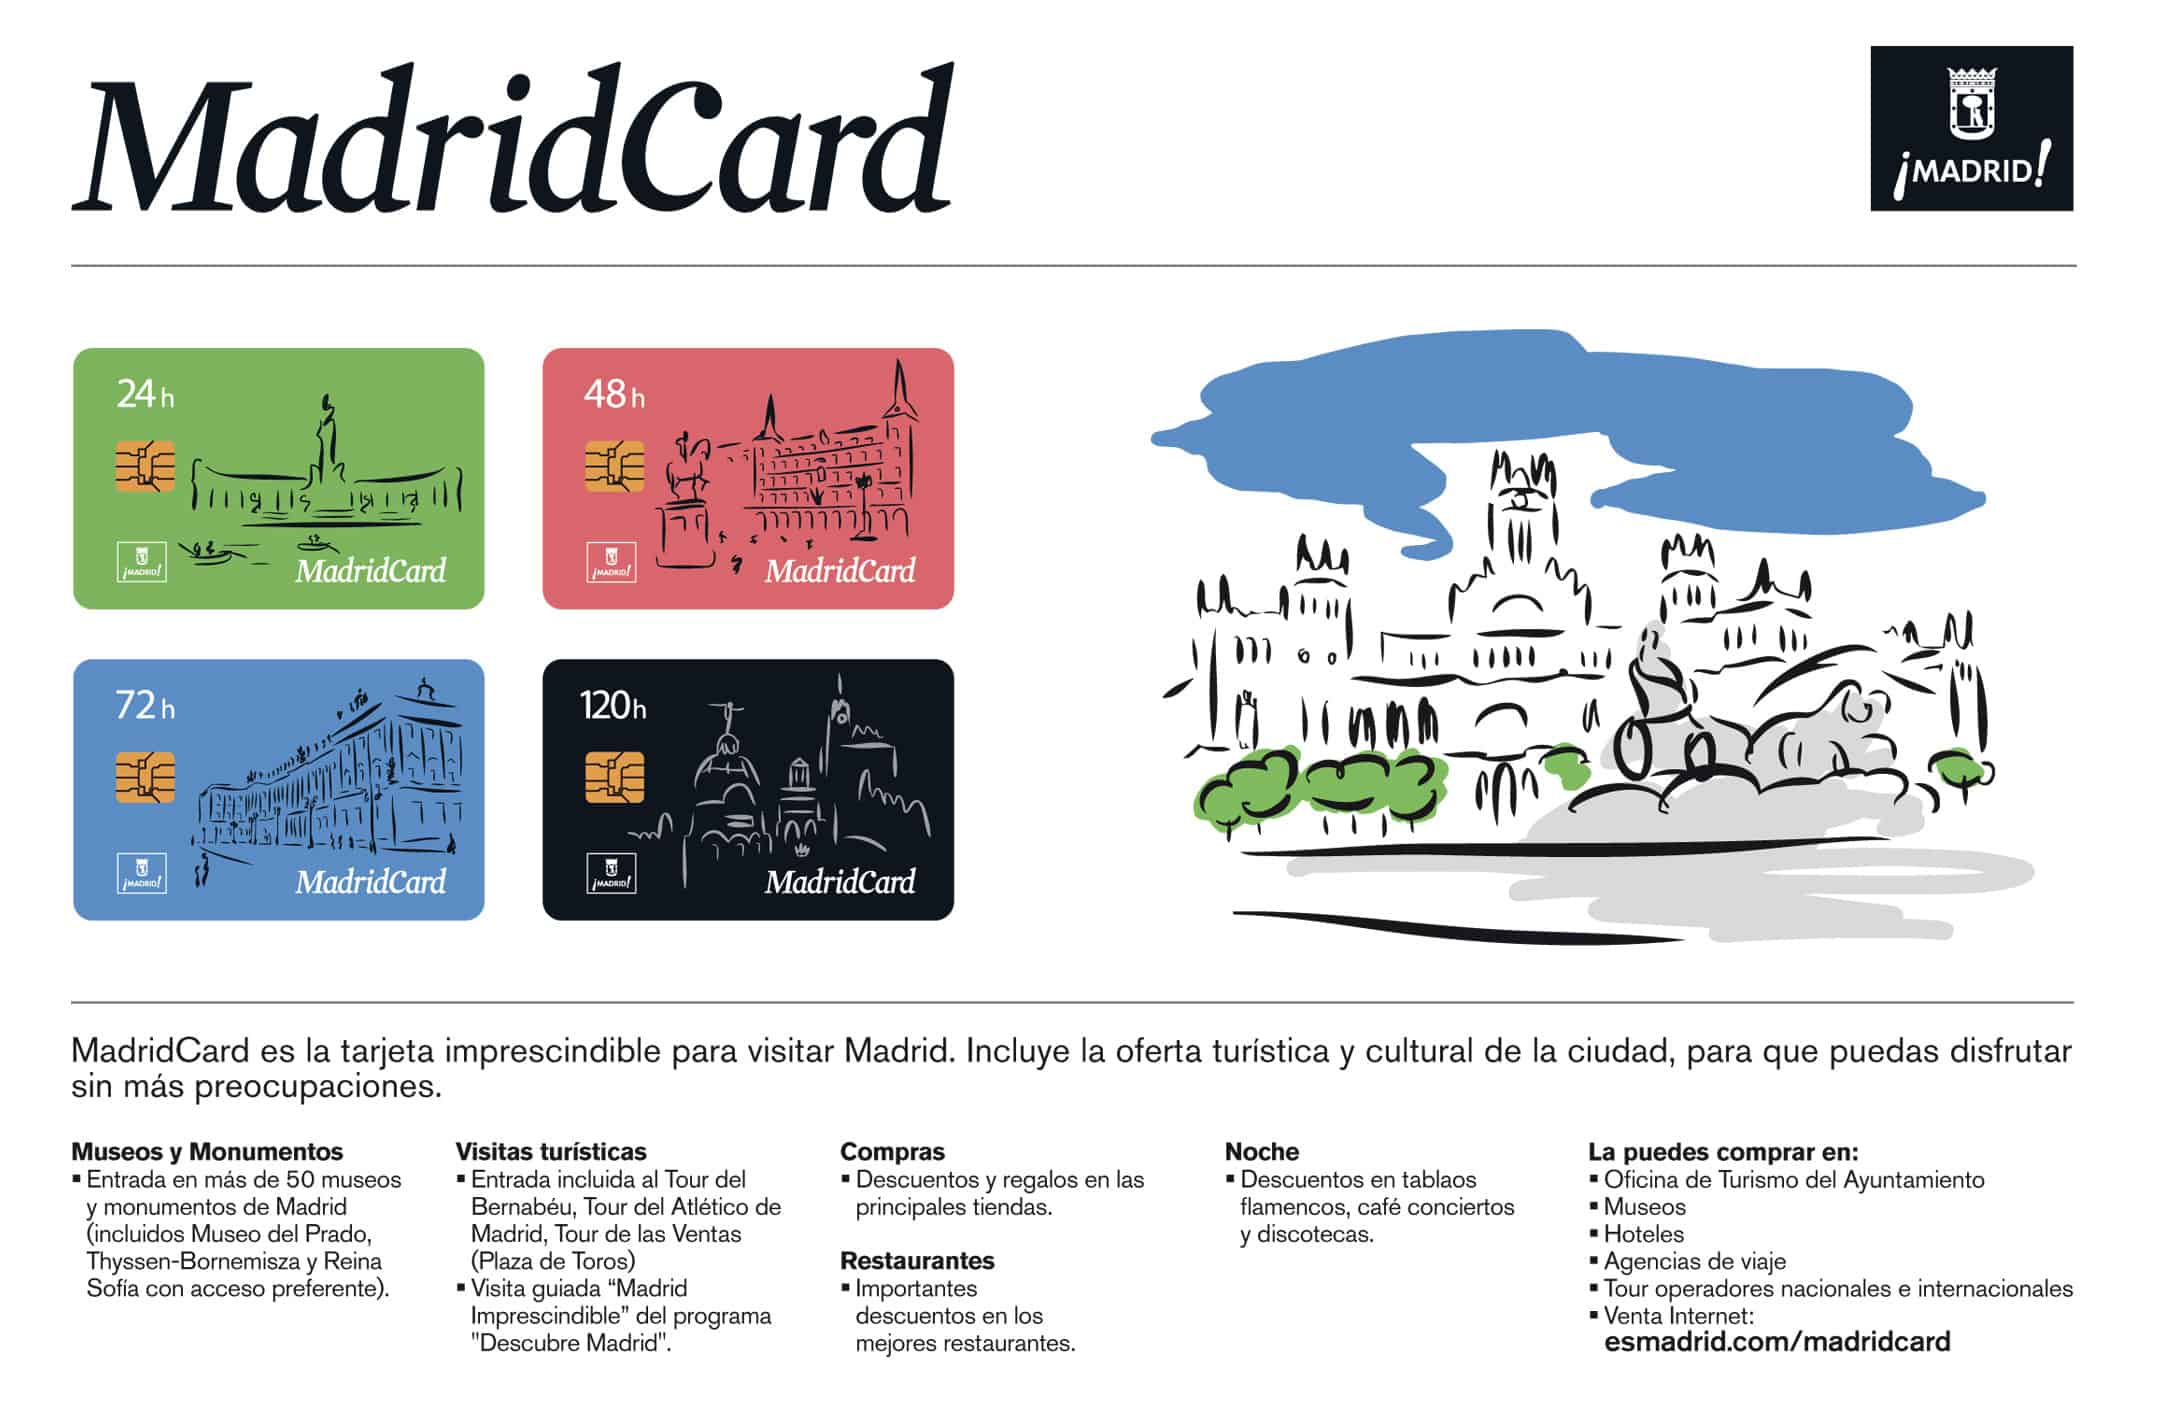 MadridCard - visitas turísticas